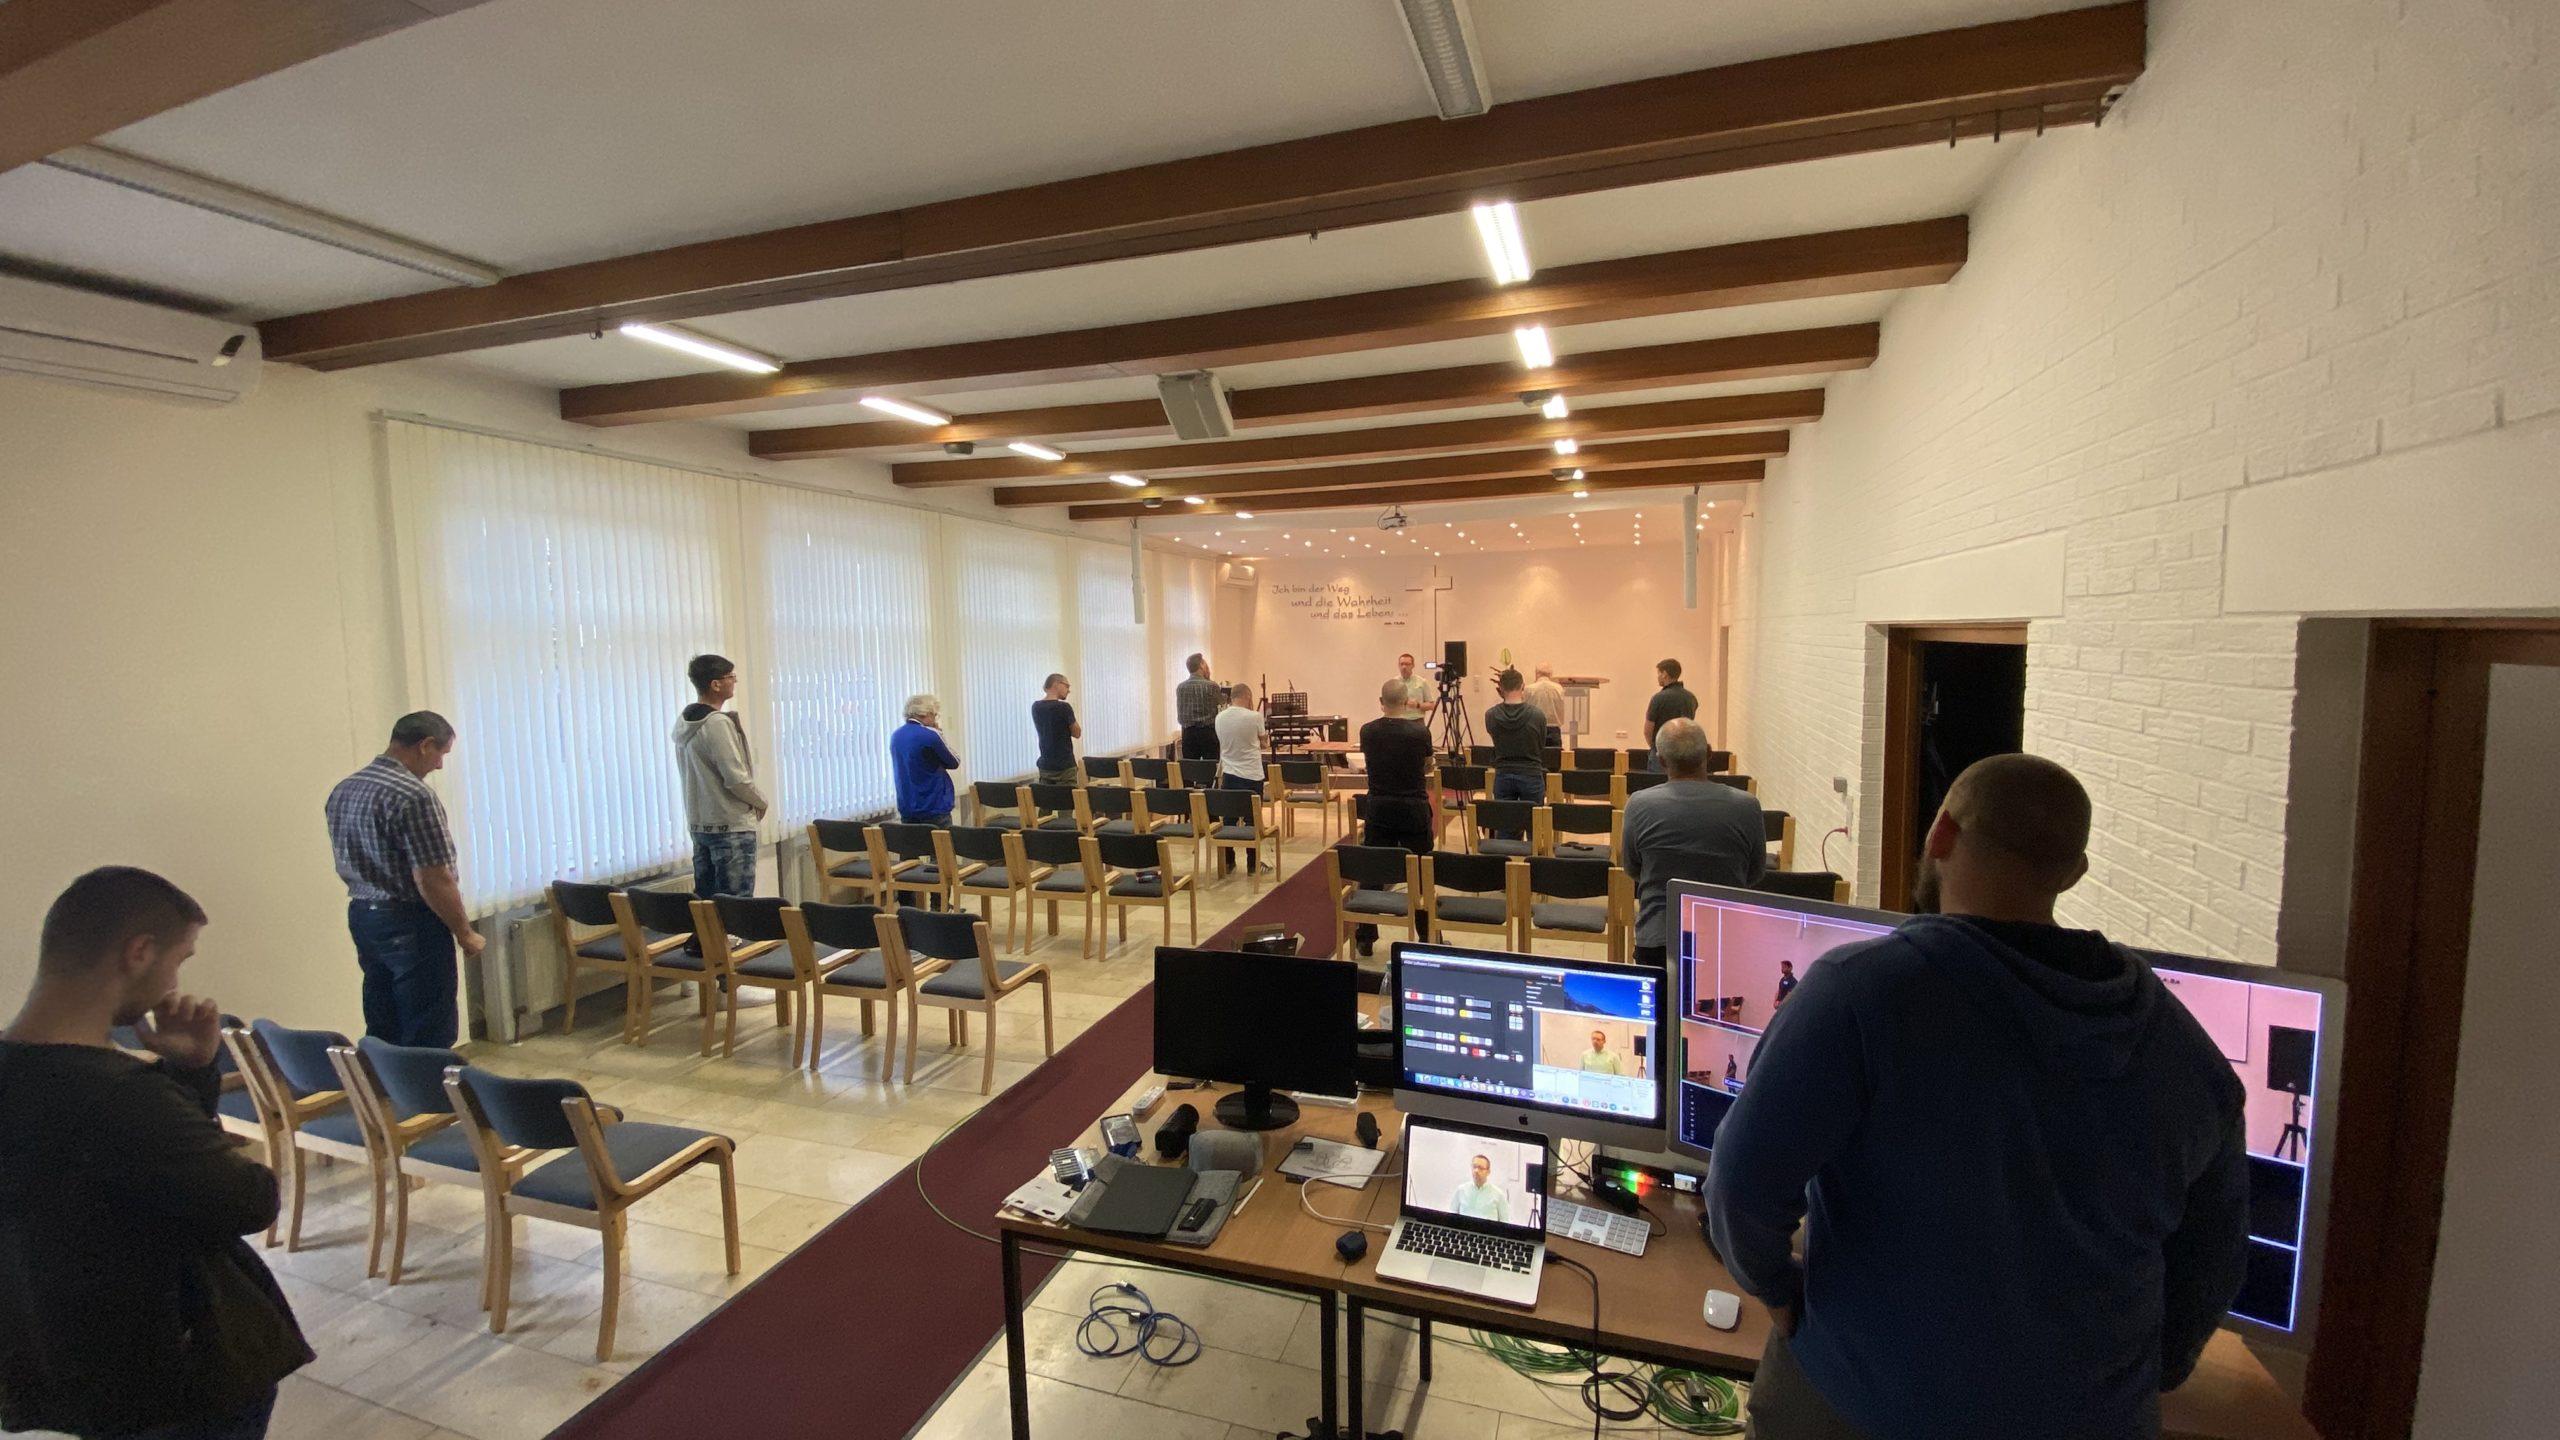 Bild von einem Saal, in dem ein Gottesdienst stattfindet.